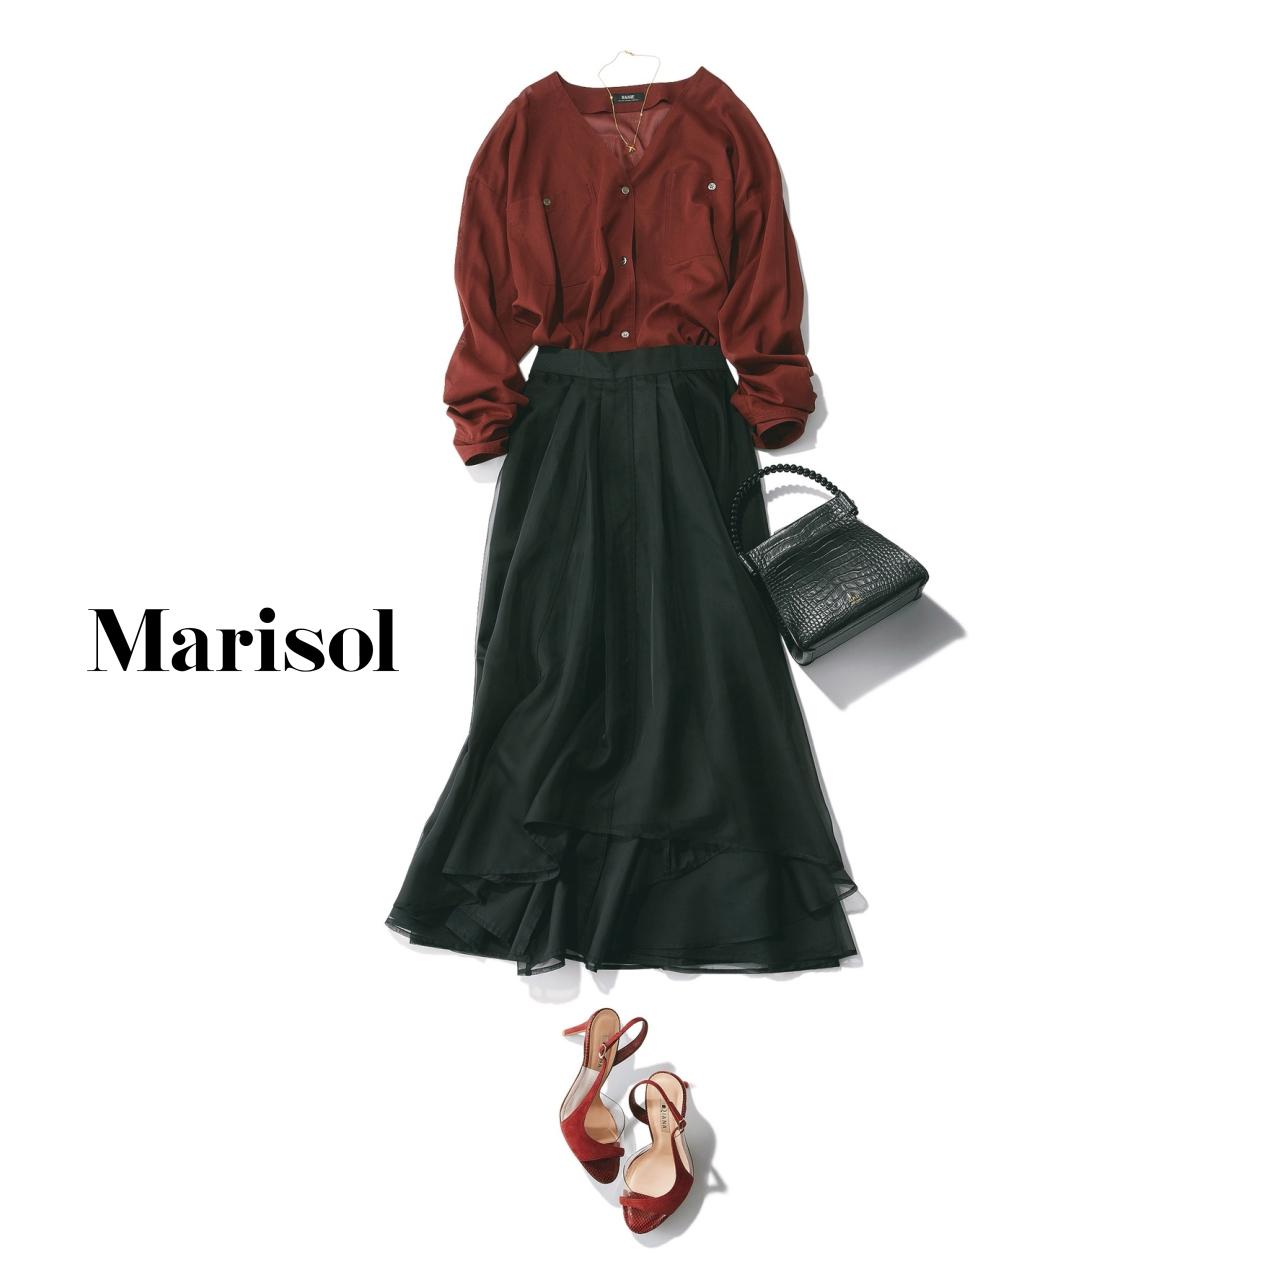 40代ファッション ワイン色ブラウス×黒スカートコーデ